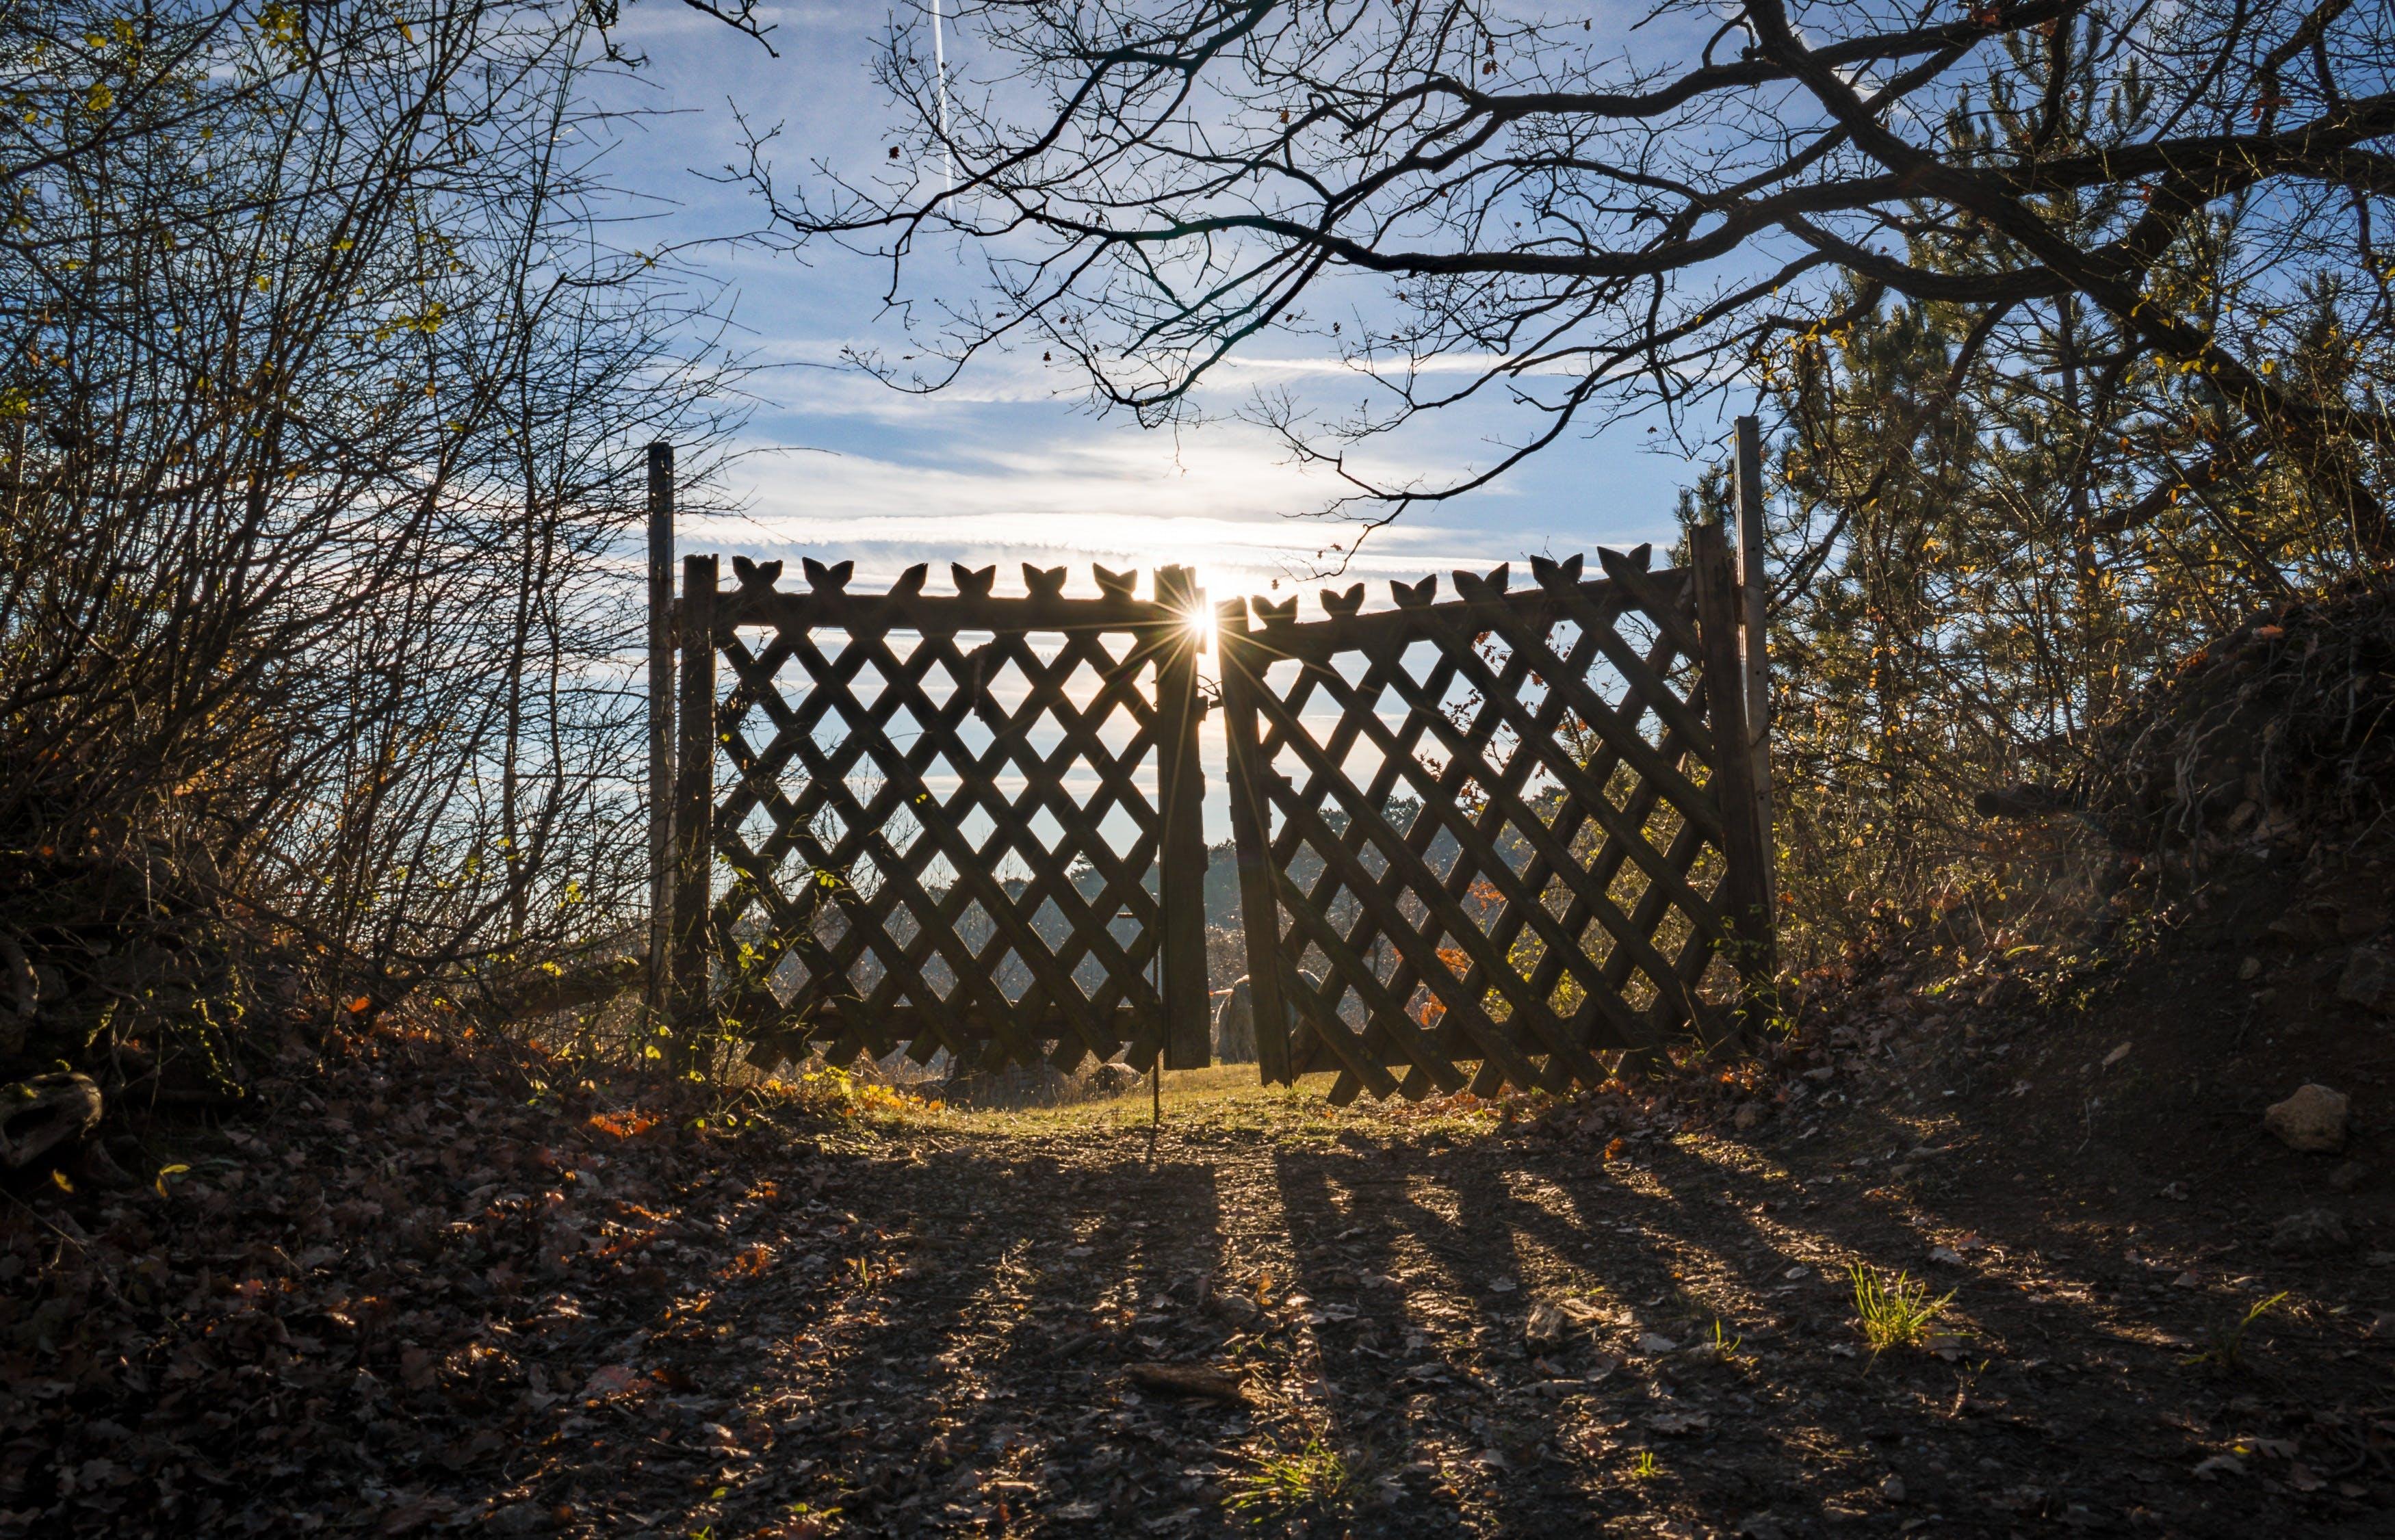 ゲート, ドライ, 乾燥した葉, 光の無料の写真素材